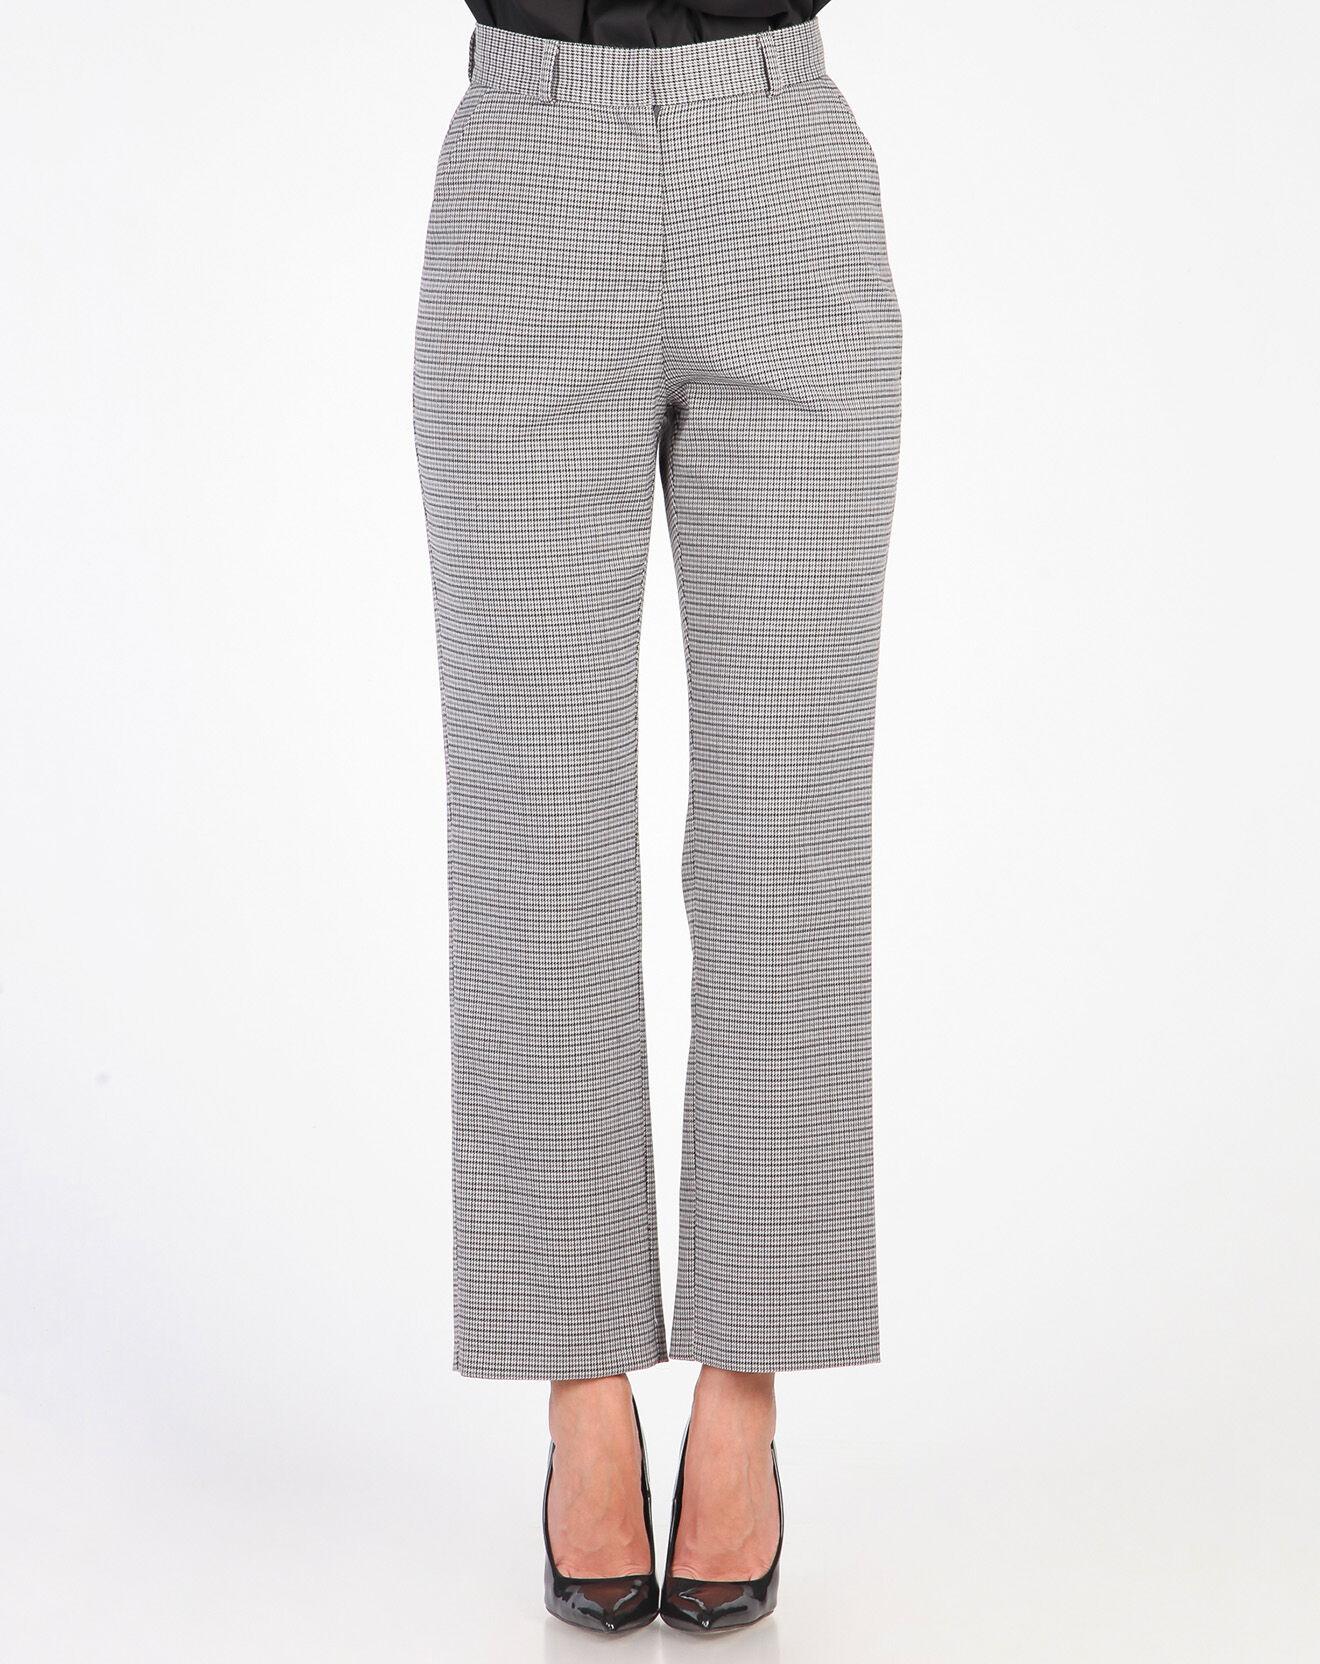 Pantalon Mira gris